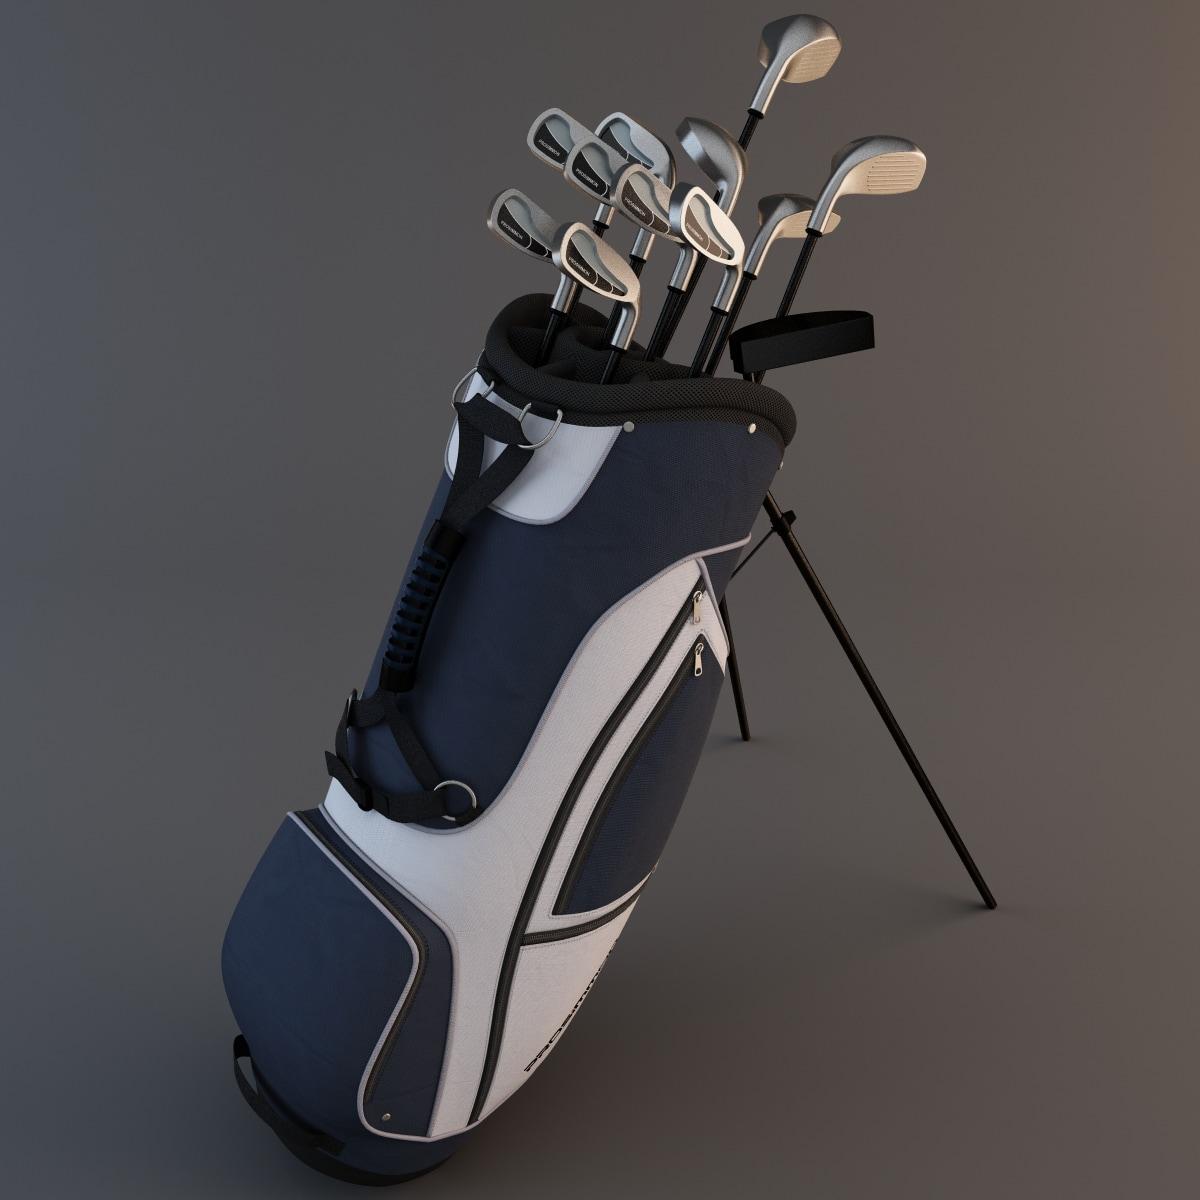 golf bag 2 obj